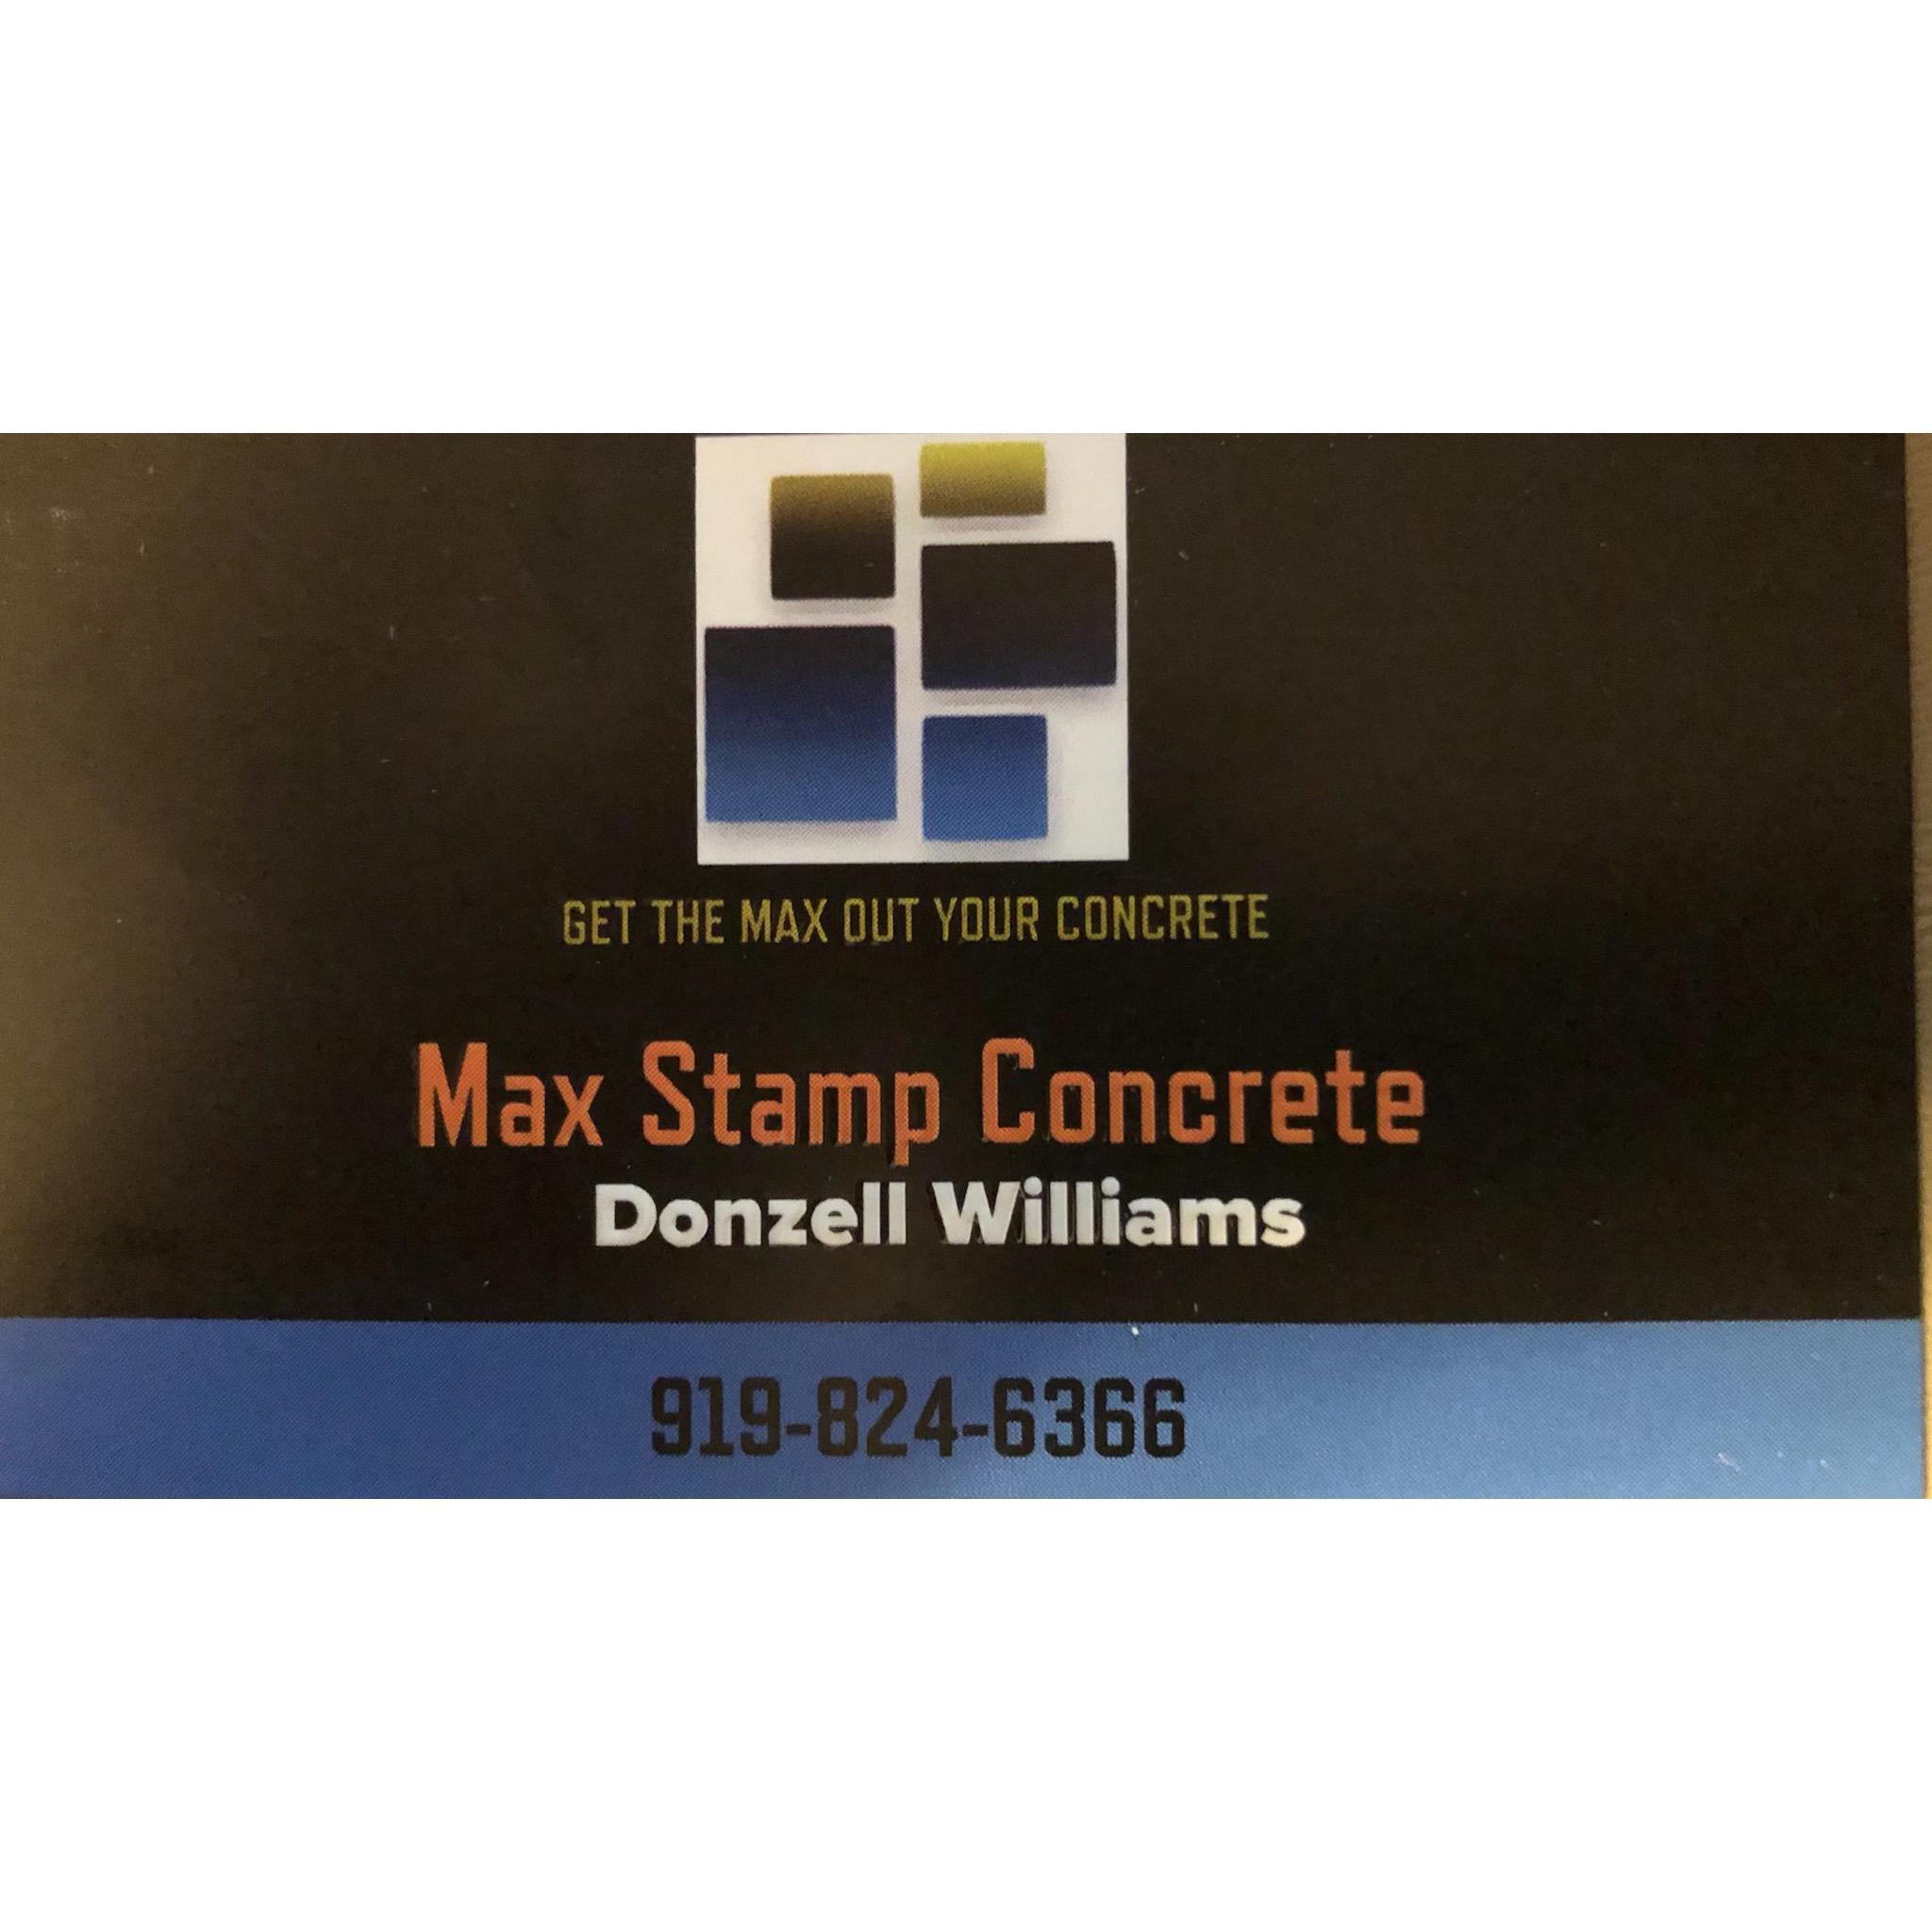 Max Stamp Concrete